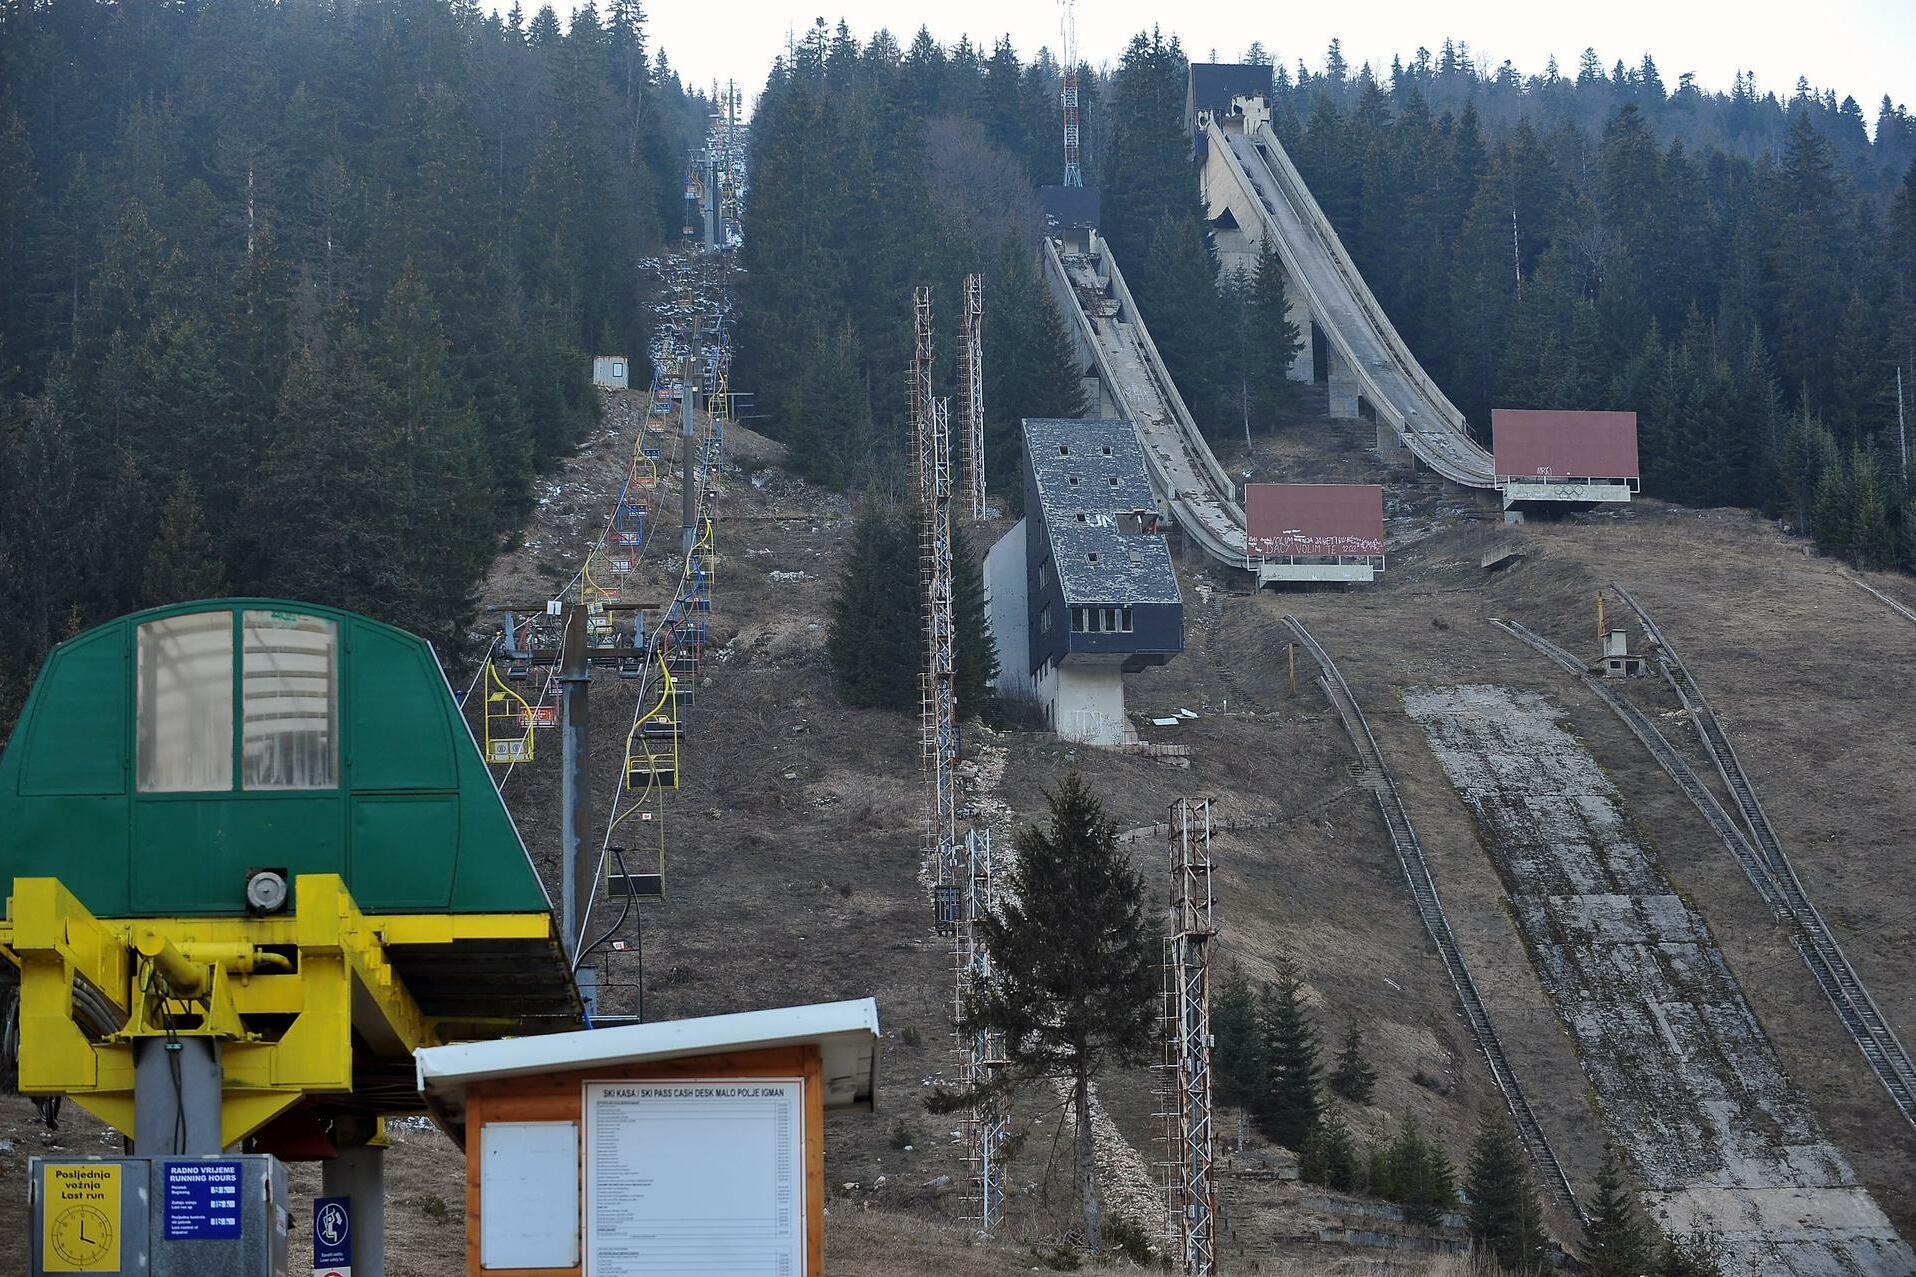 Die Skisprungschanzen des Olympischen Wettbewerbs, auf dem vor 30 Jahren Jens Weißflog Gold und Silber erringen konnte, wurden nach den Spielen kein einziges Mal mehr benutzt. Entsprechend wurden die Bauten auch nicht mehr gewartet. Gespenstisch ragen die verfallenden Betonriesen aus dem Berghang. Quelle: AFP